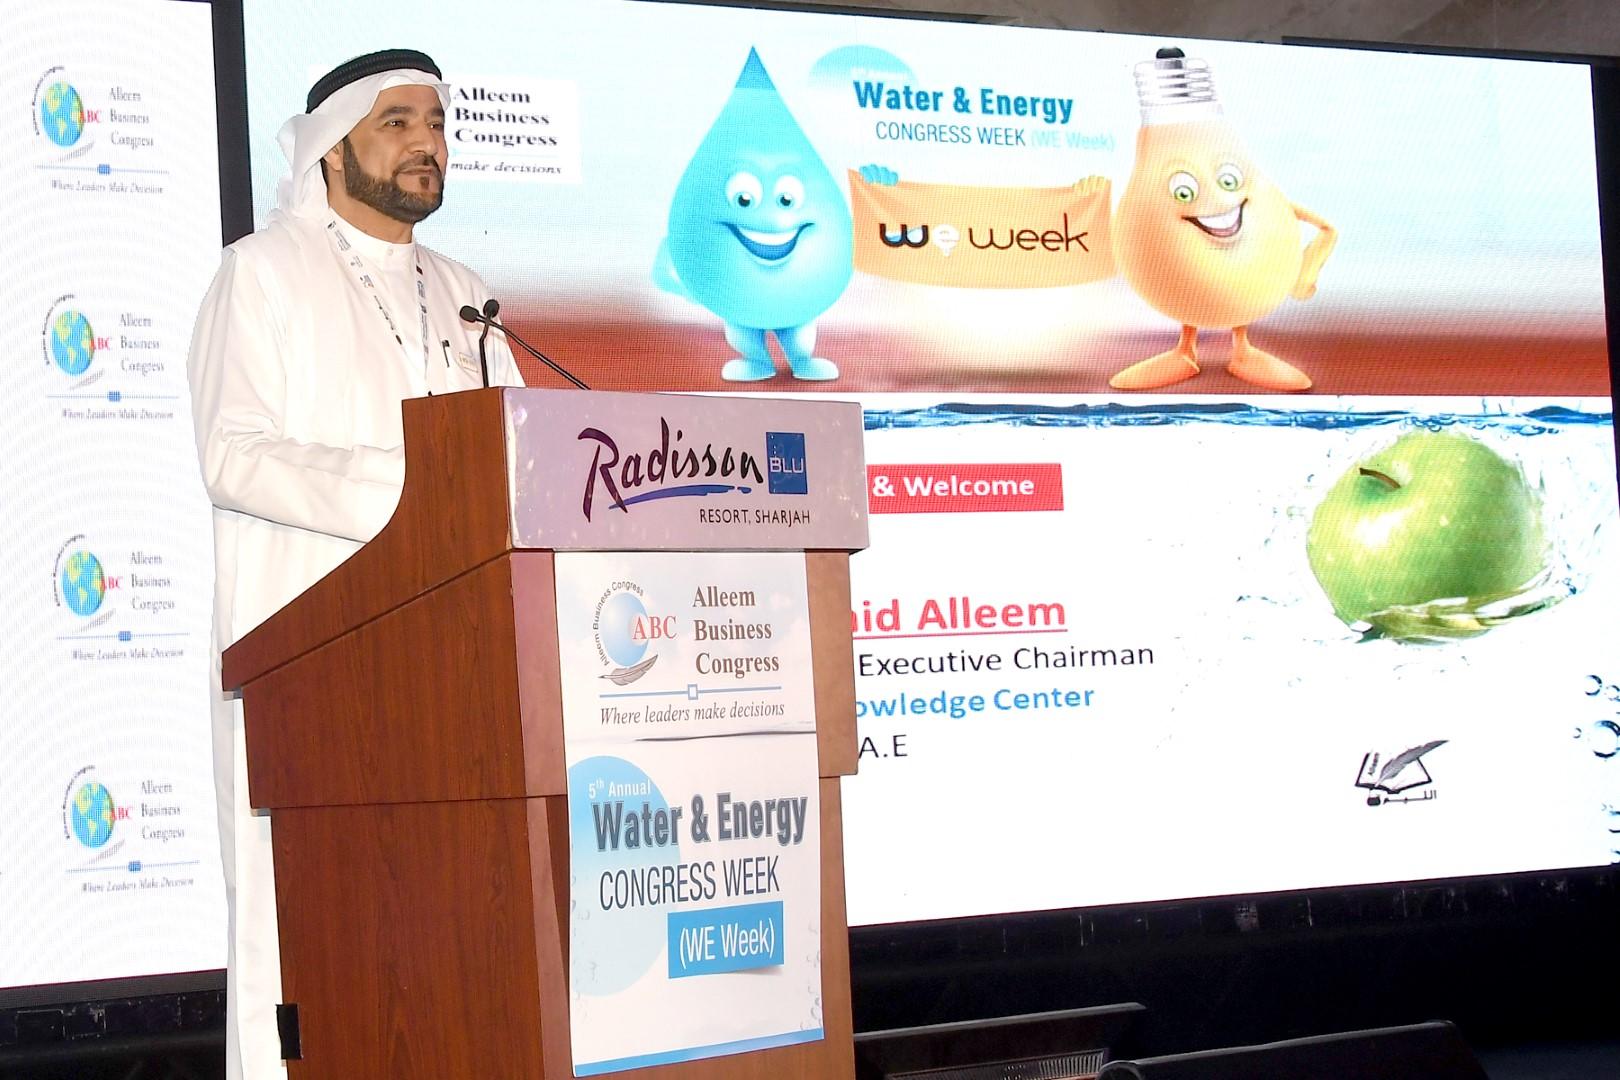 مؤتمر الطاقة والمياه الخامس بالشارقة يوصي بضورة الترشيد وبناء الشبكات الذكية